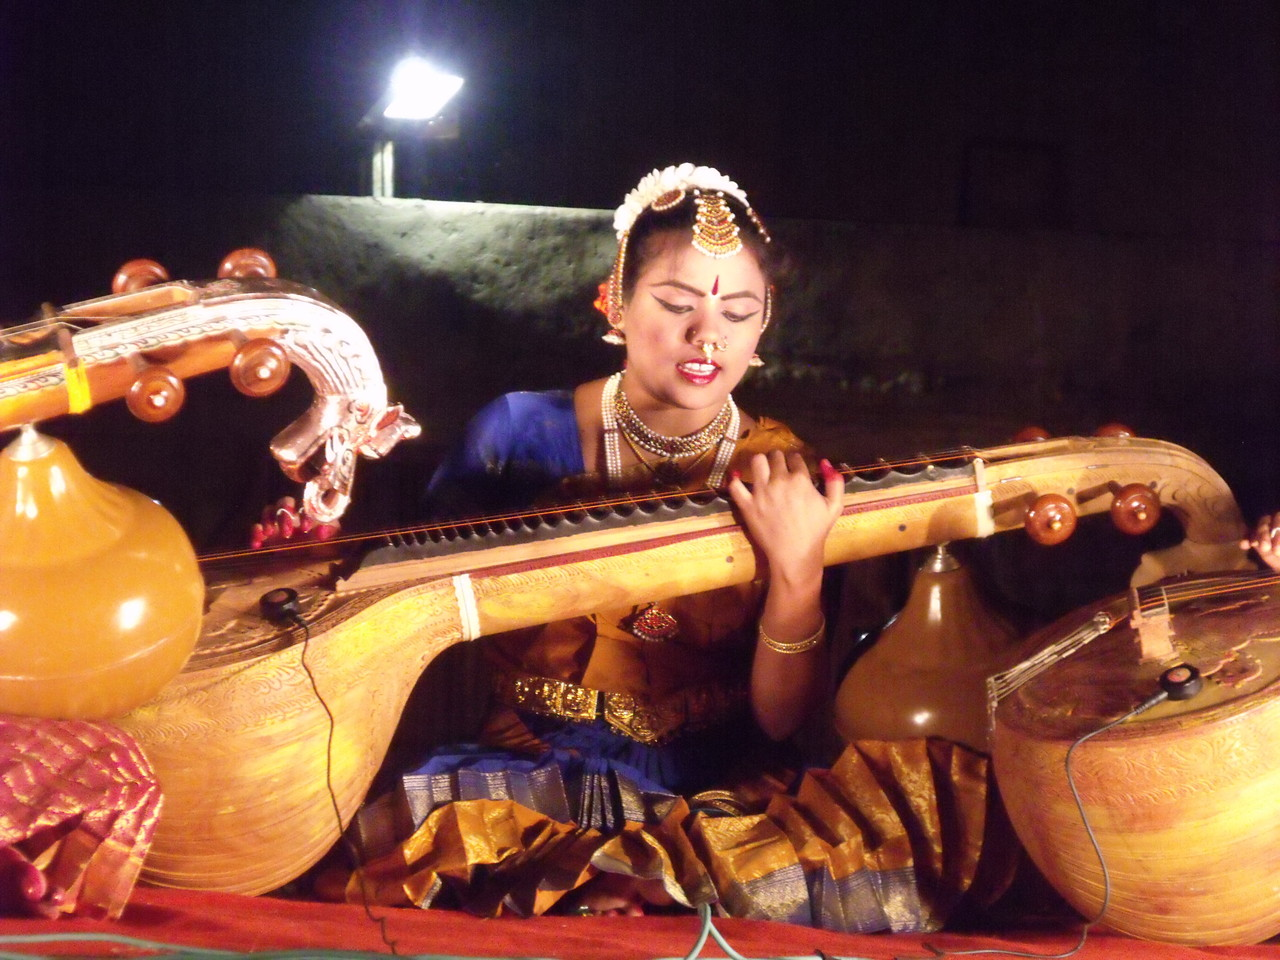 Chanteuse Madurai 2012